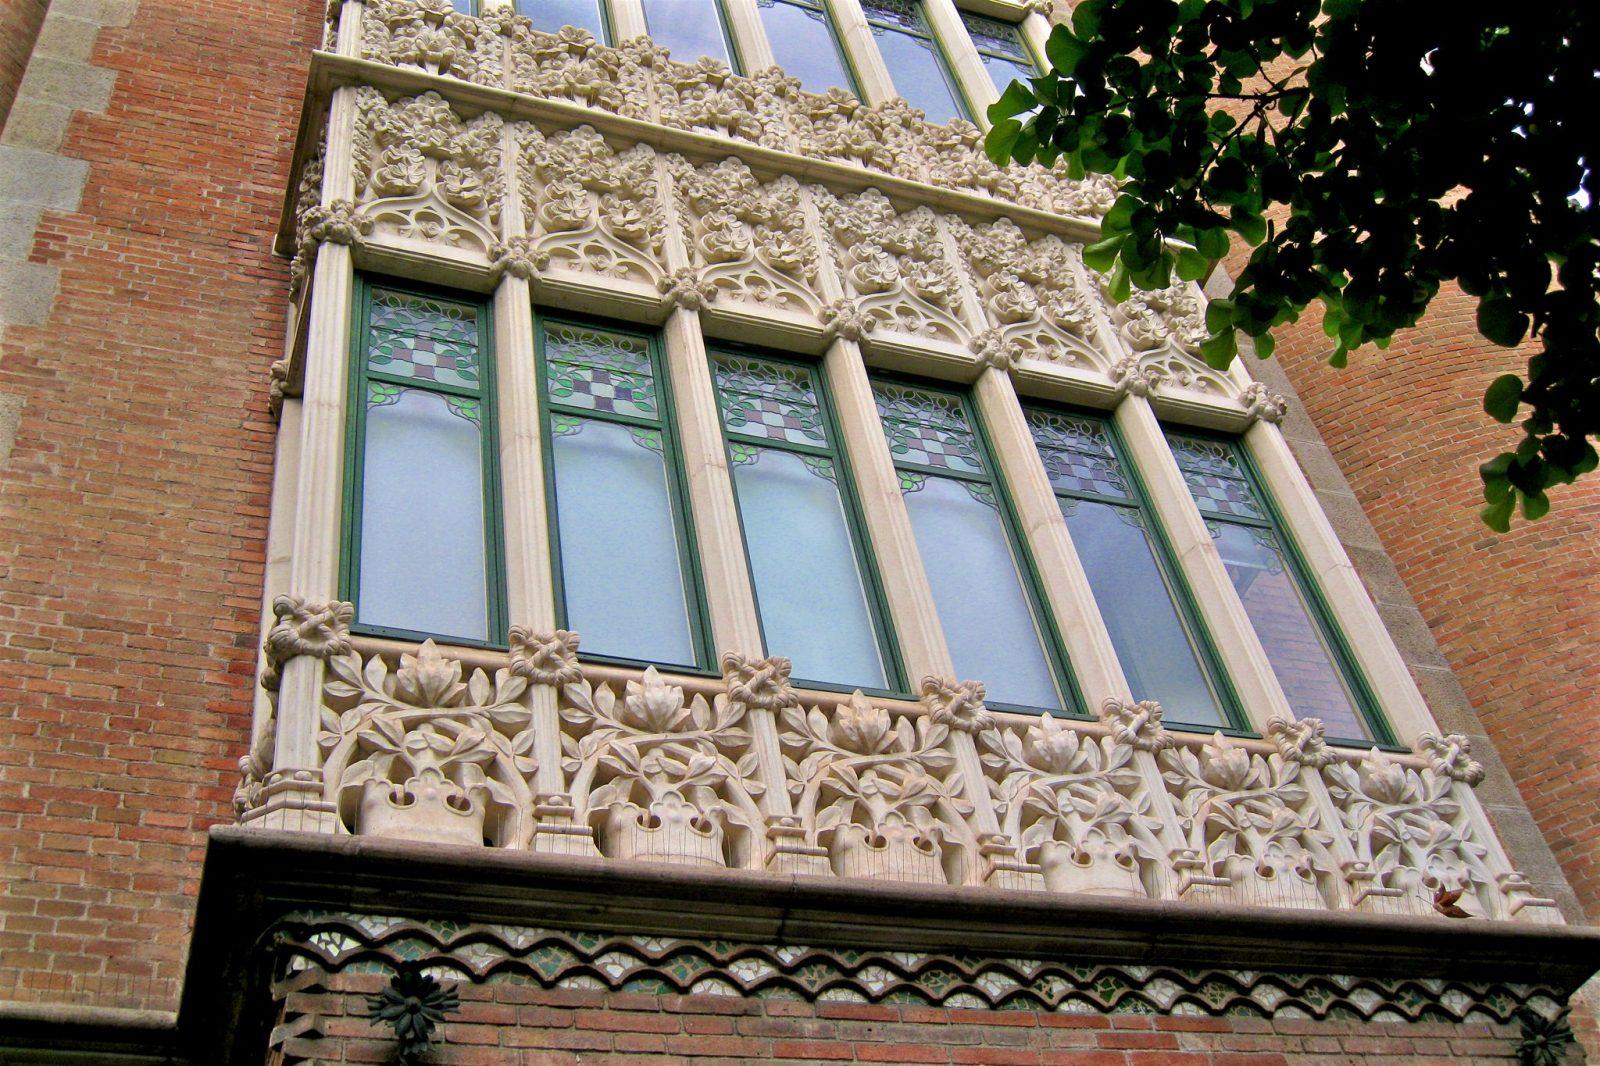 Балкон с каменным орнаментом (фото: FRANCISCO VALERA LOPEZ)